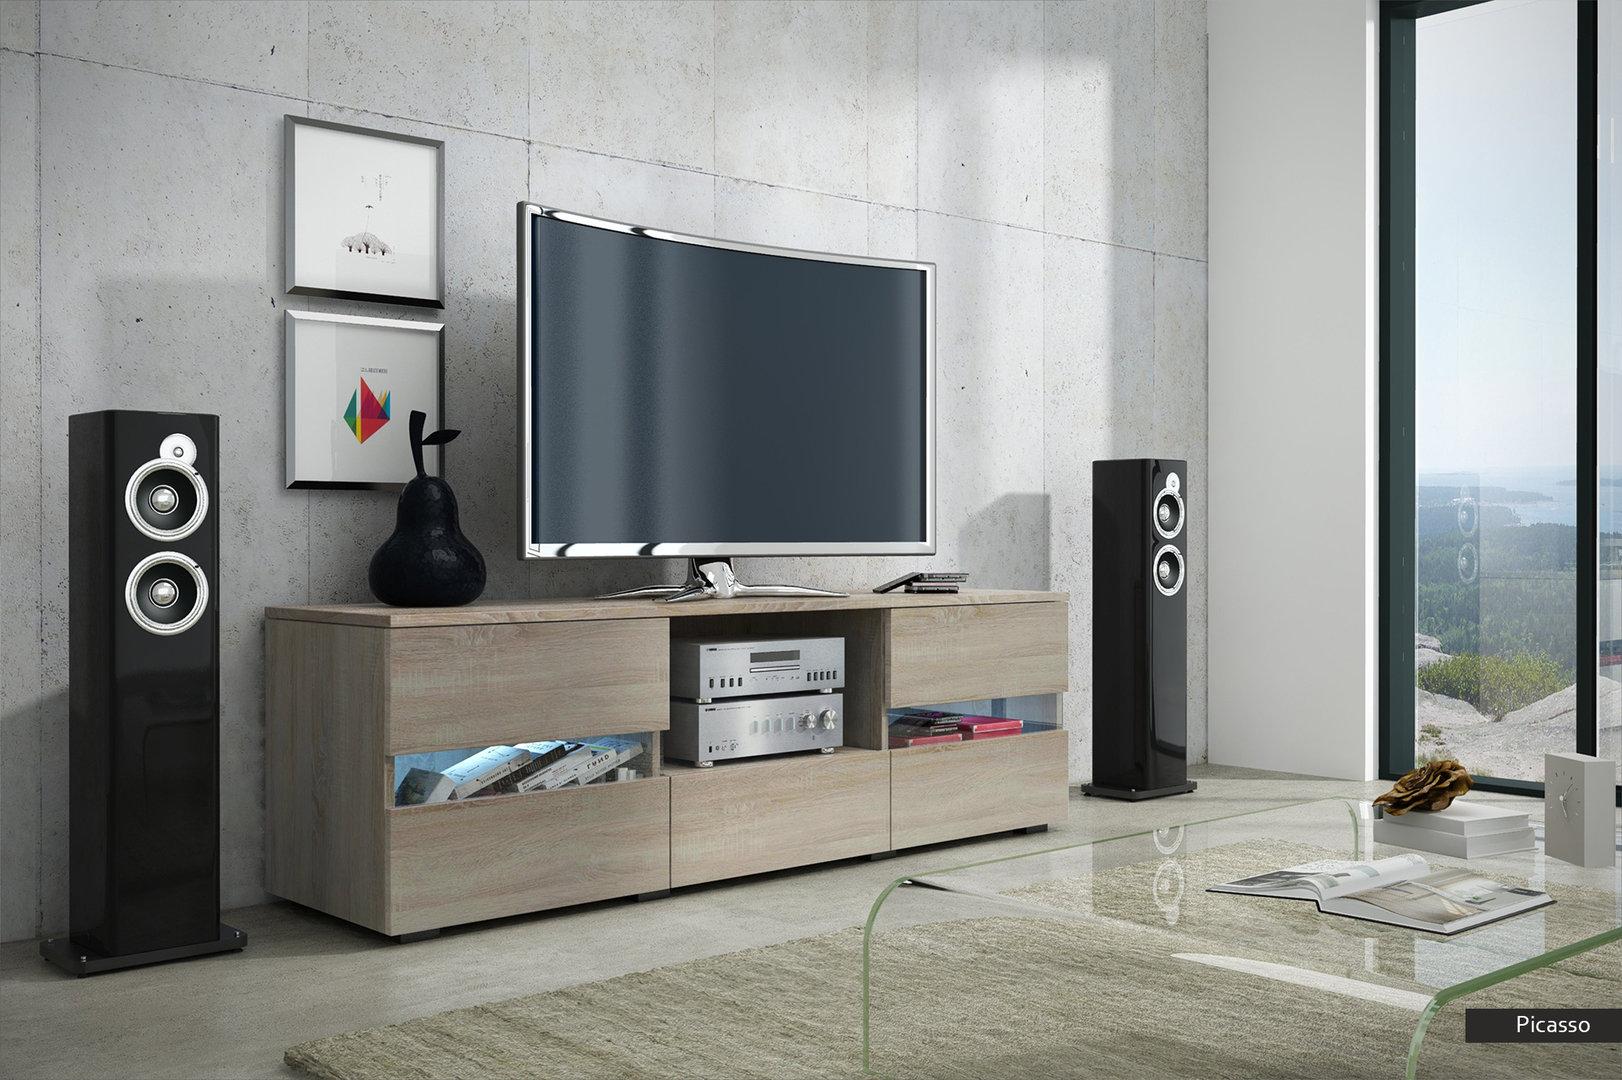 Porta tv picasso mobile soggiorno moderno in 5 colori nuovi - Soggiorno porta tv ...